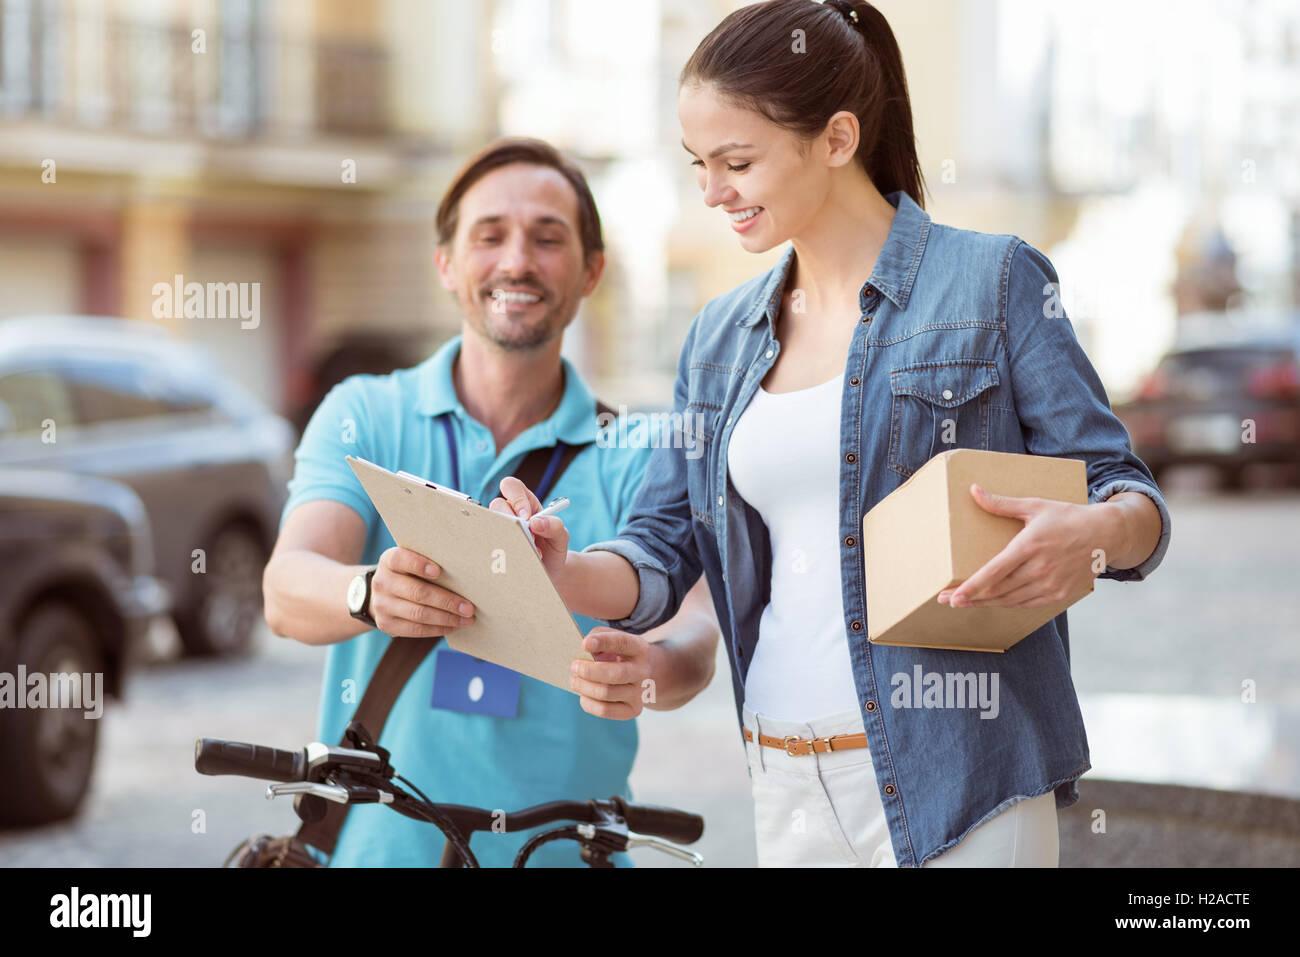 Joyful professional courier delivering parcel - Stock Image